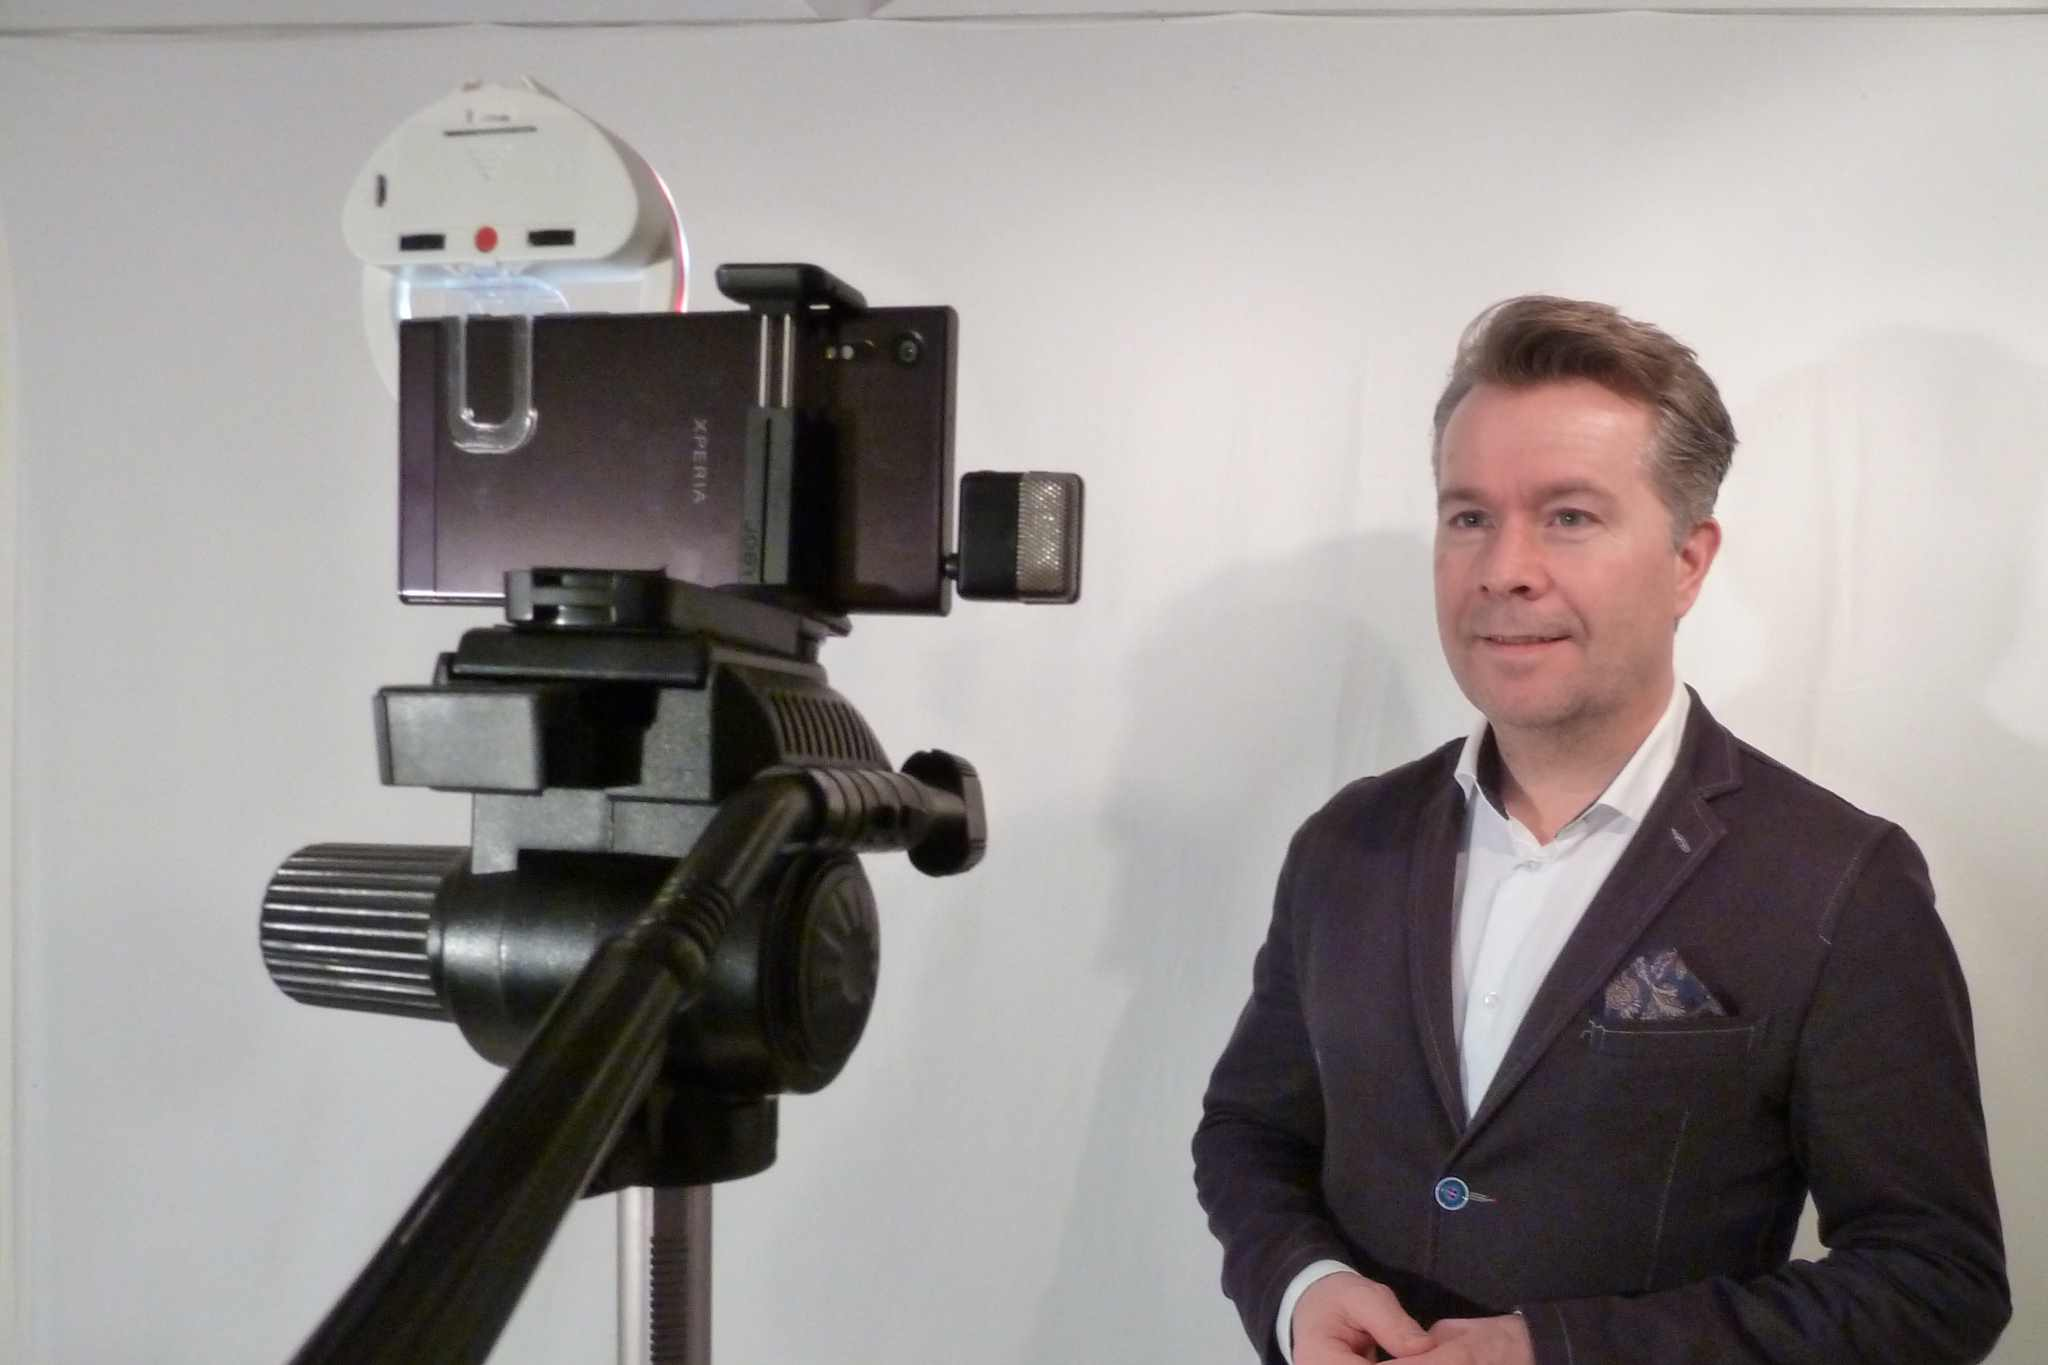 Slik gjør du det: Lag video for Markedsføring og Salg B2B [2:2]